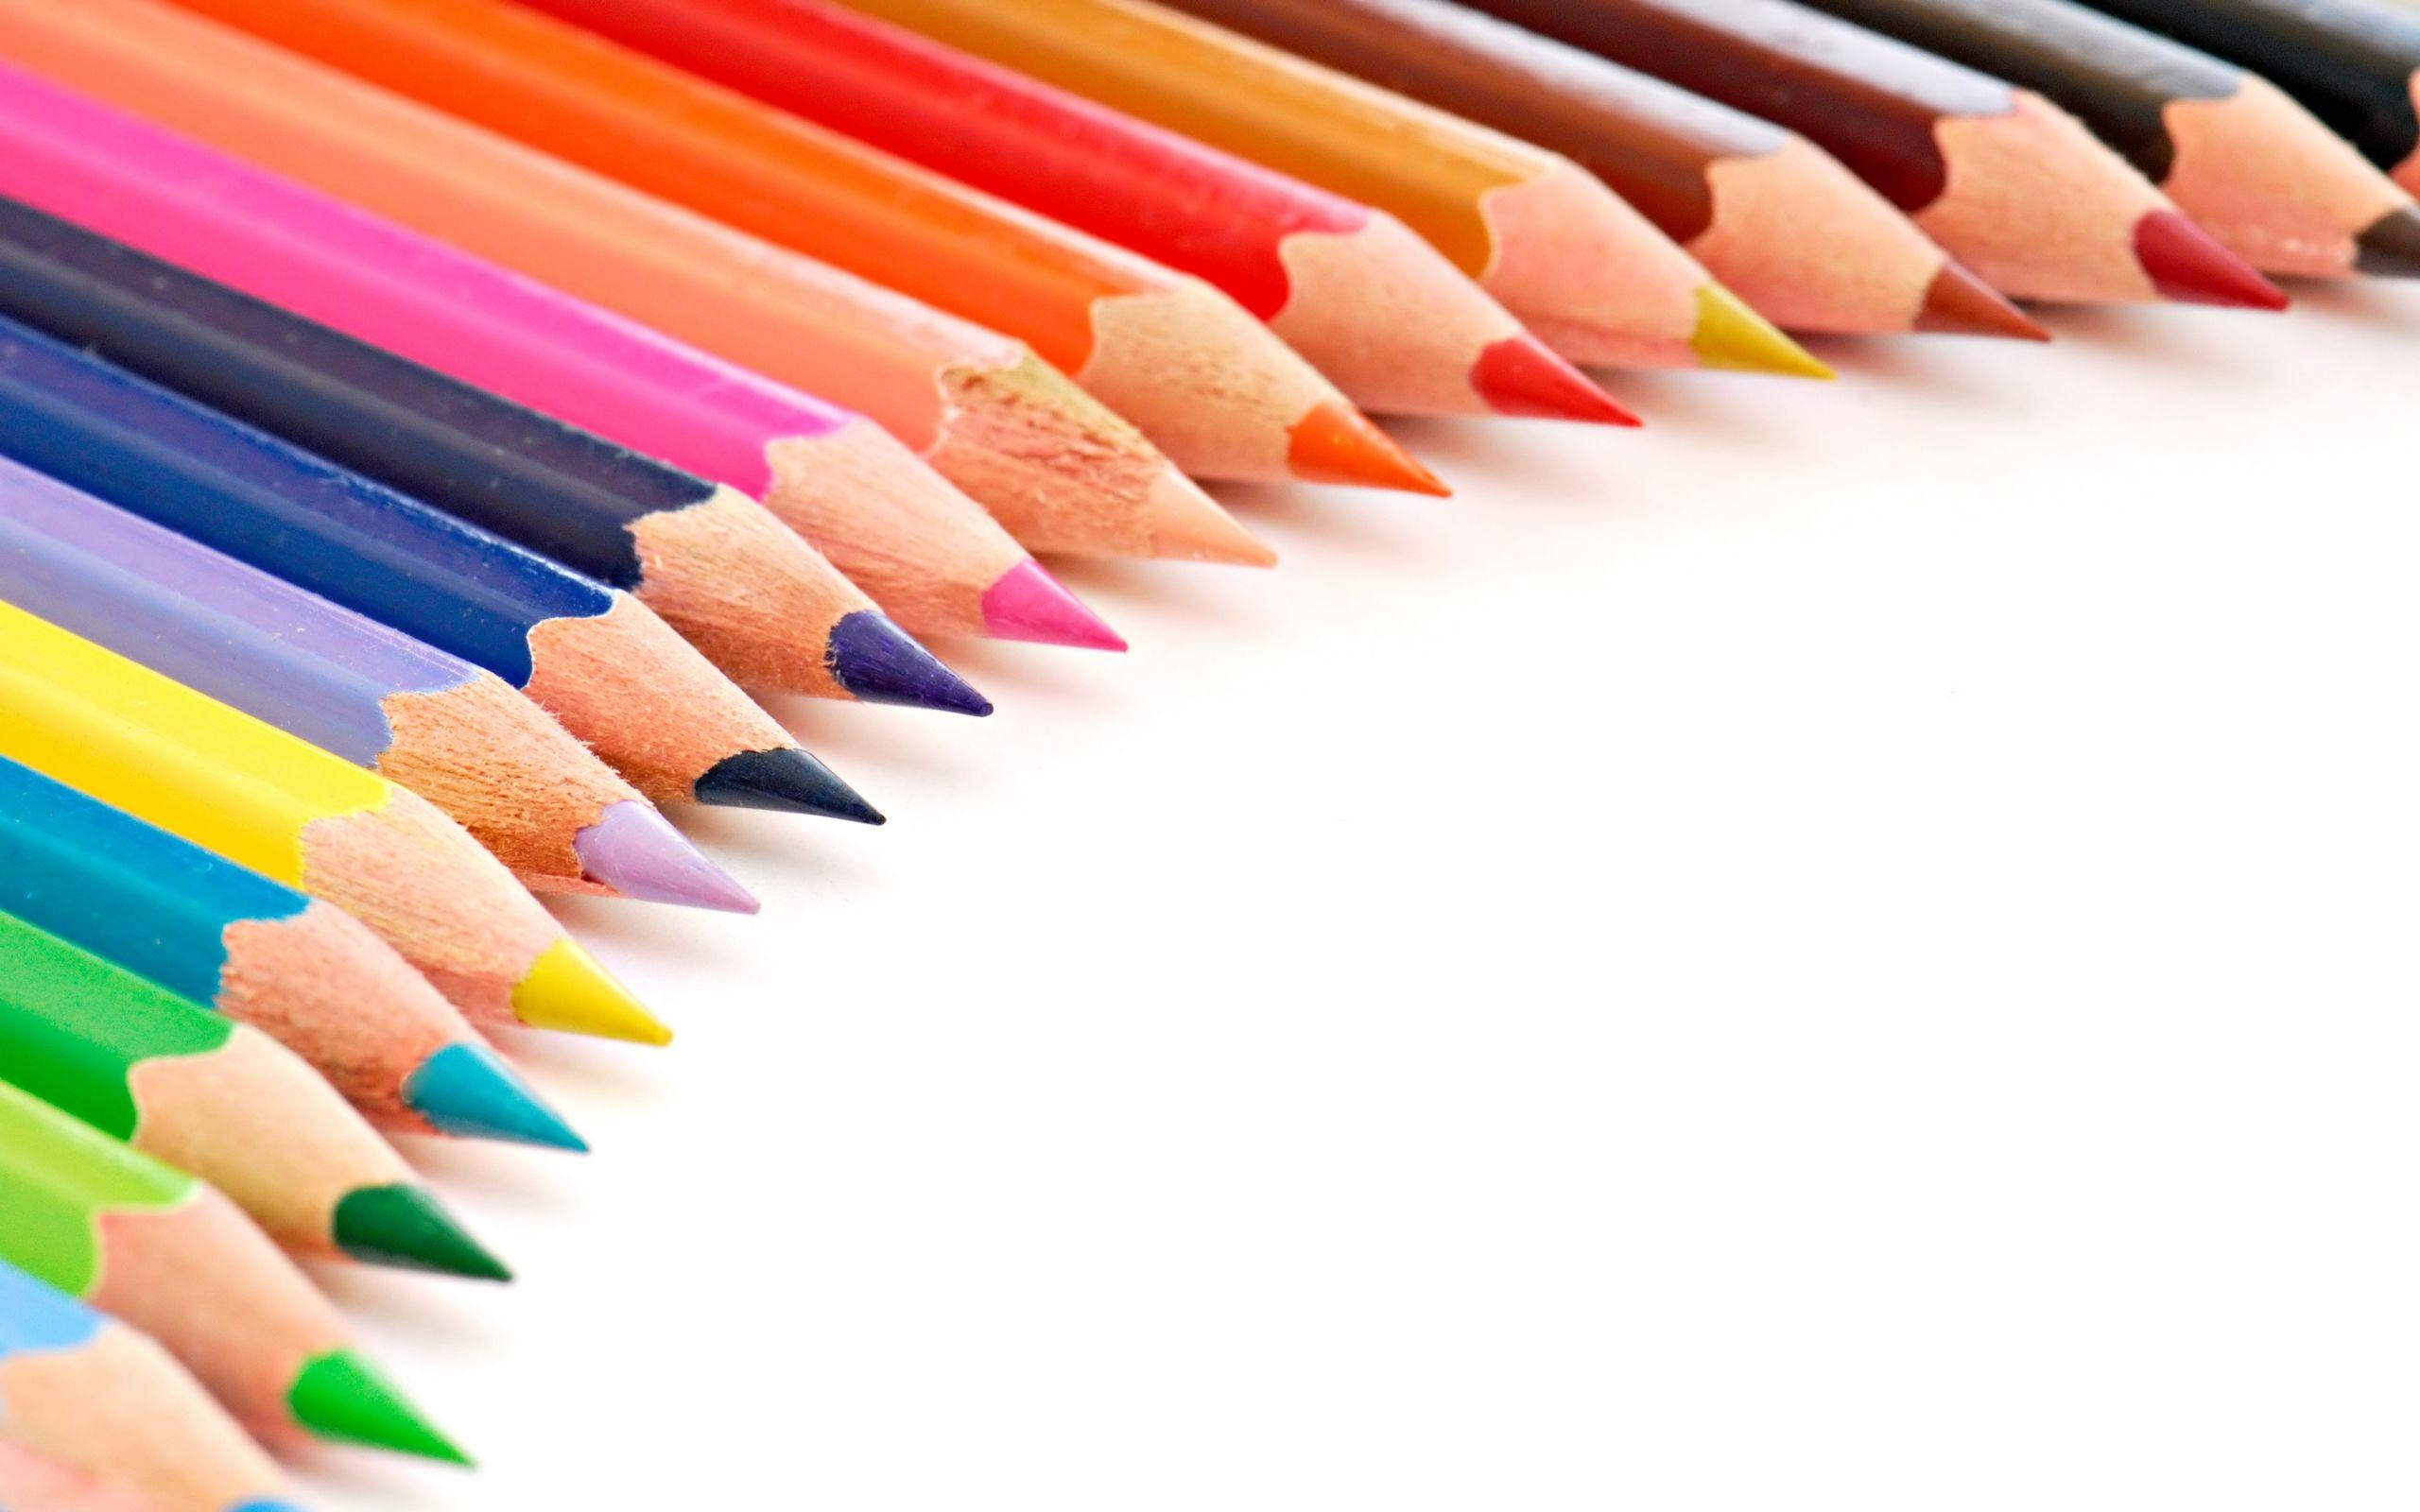 color pencil images hd